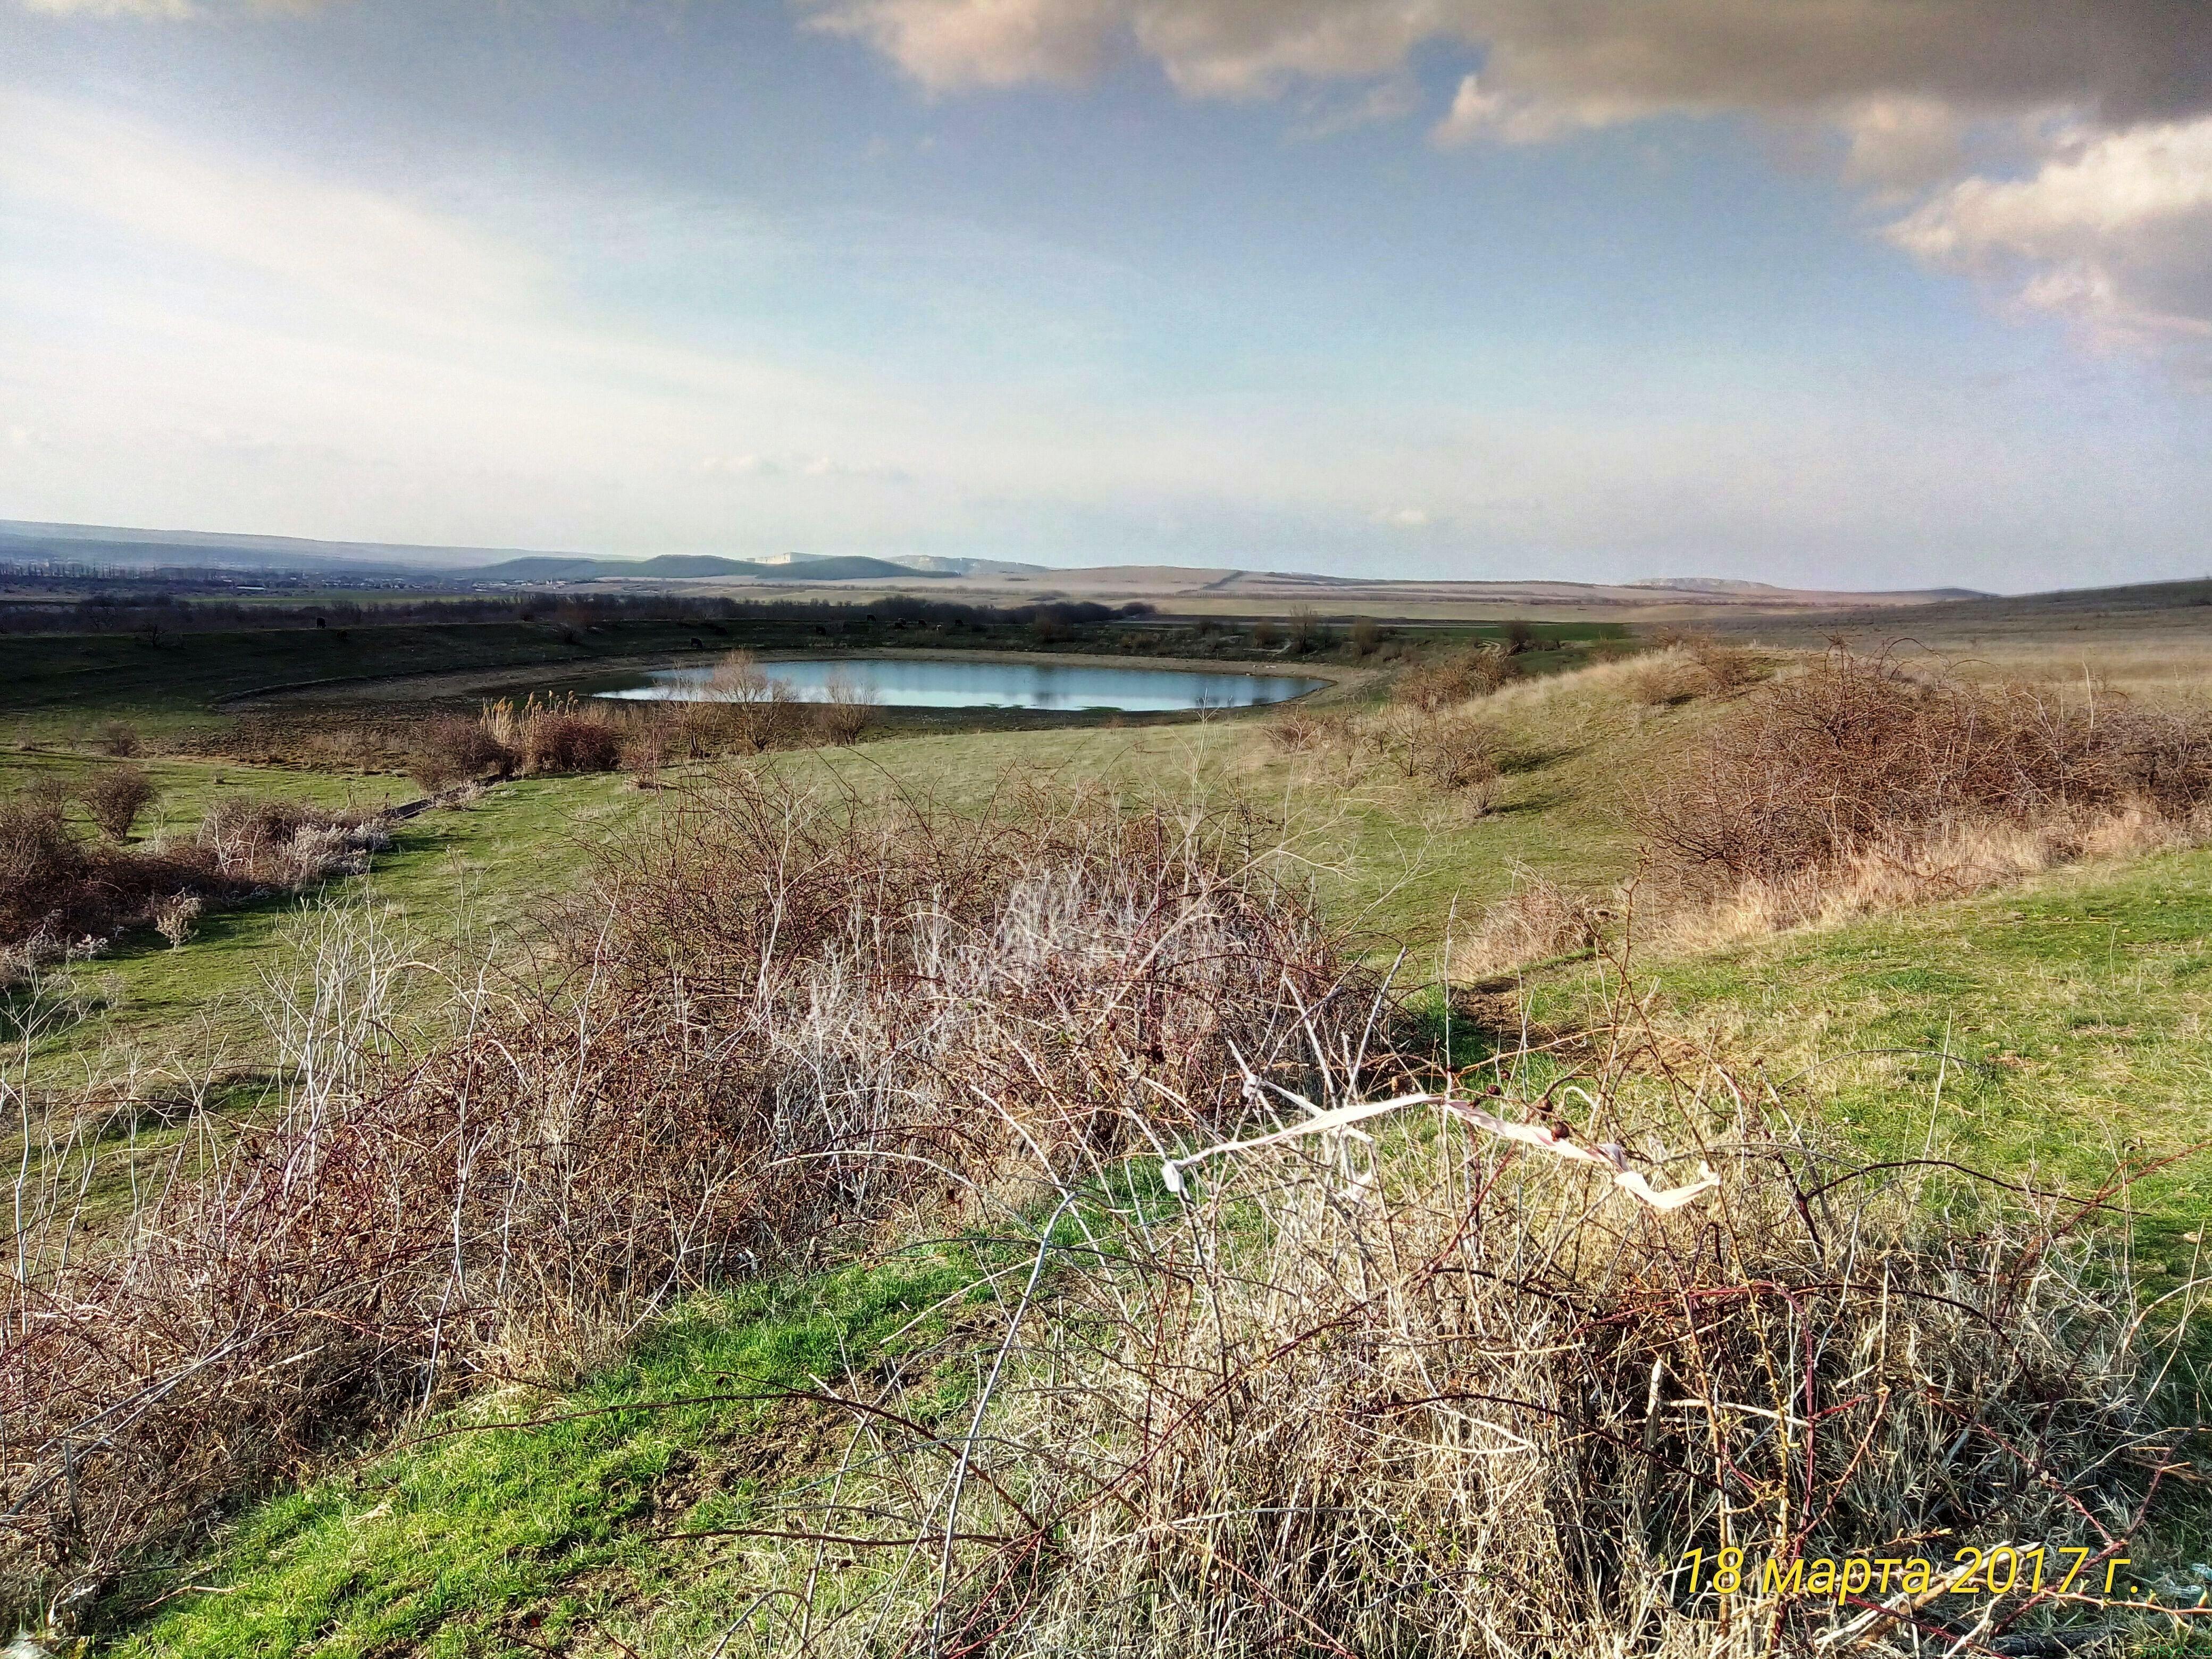 Весенний водоем пруд «Киличек» в марте фото заметка о моей реальности в Крыму